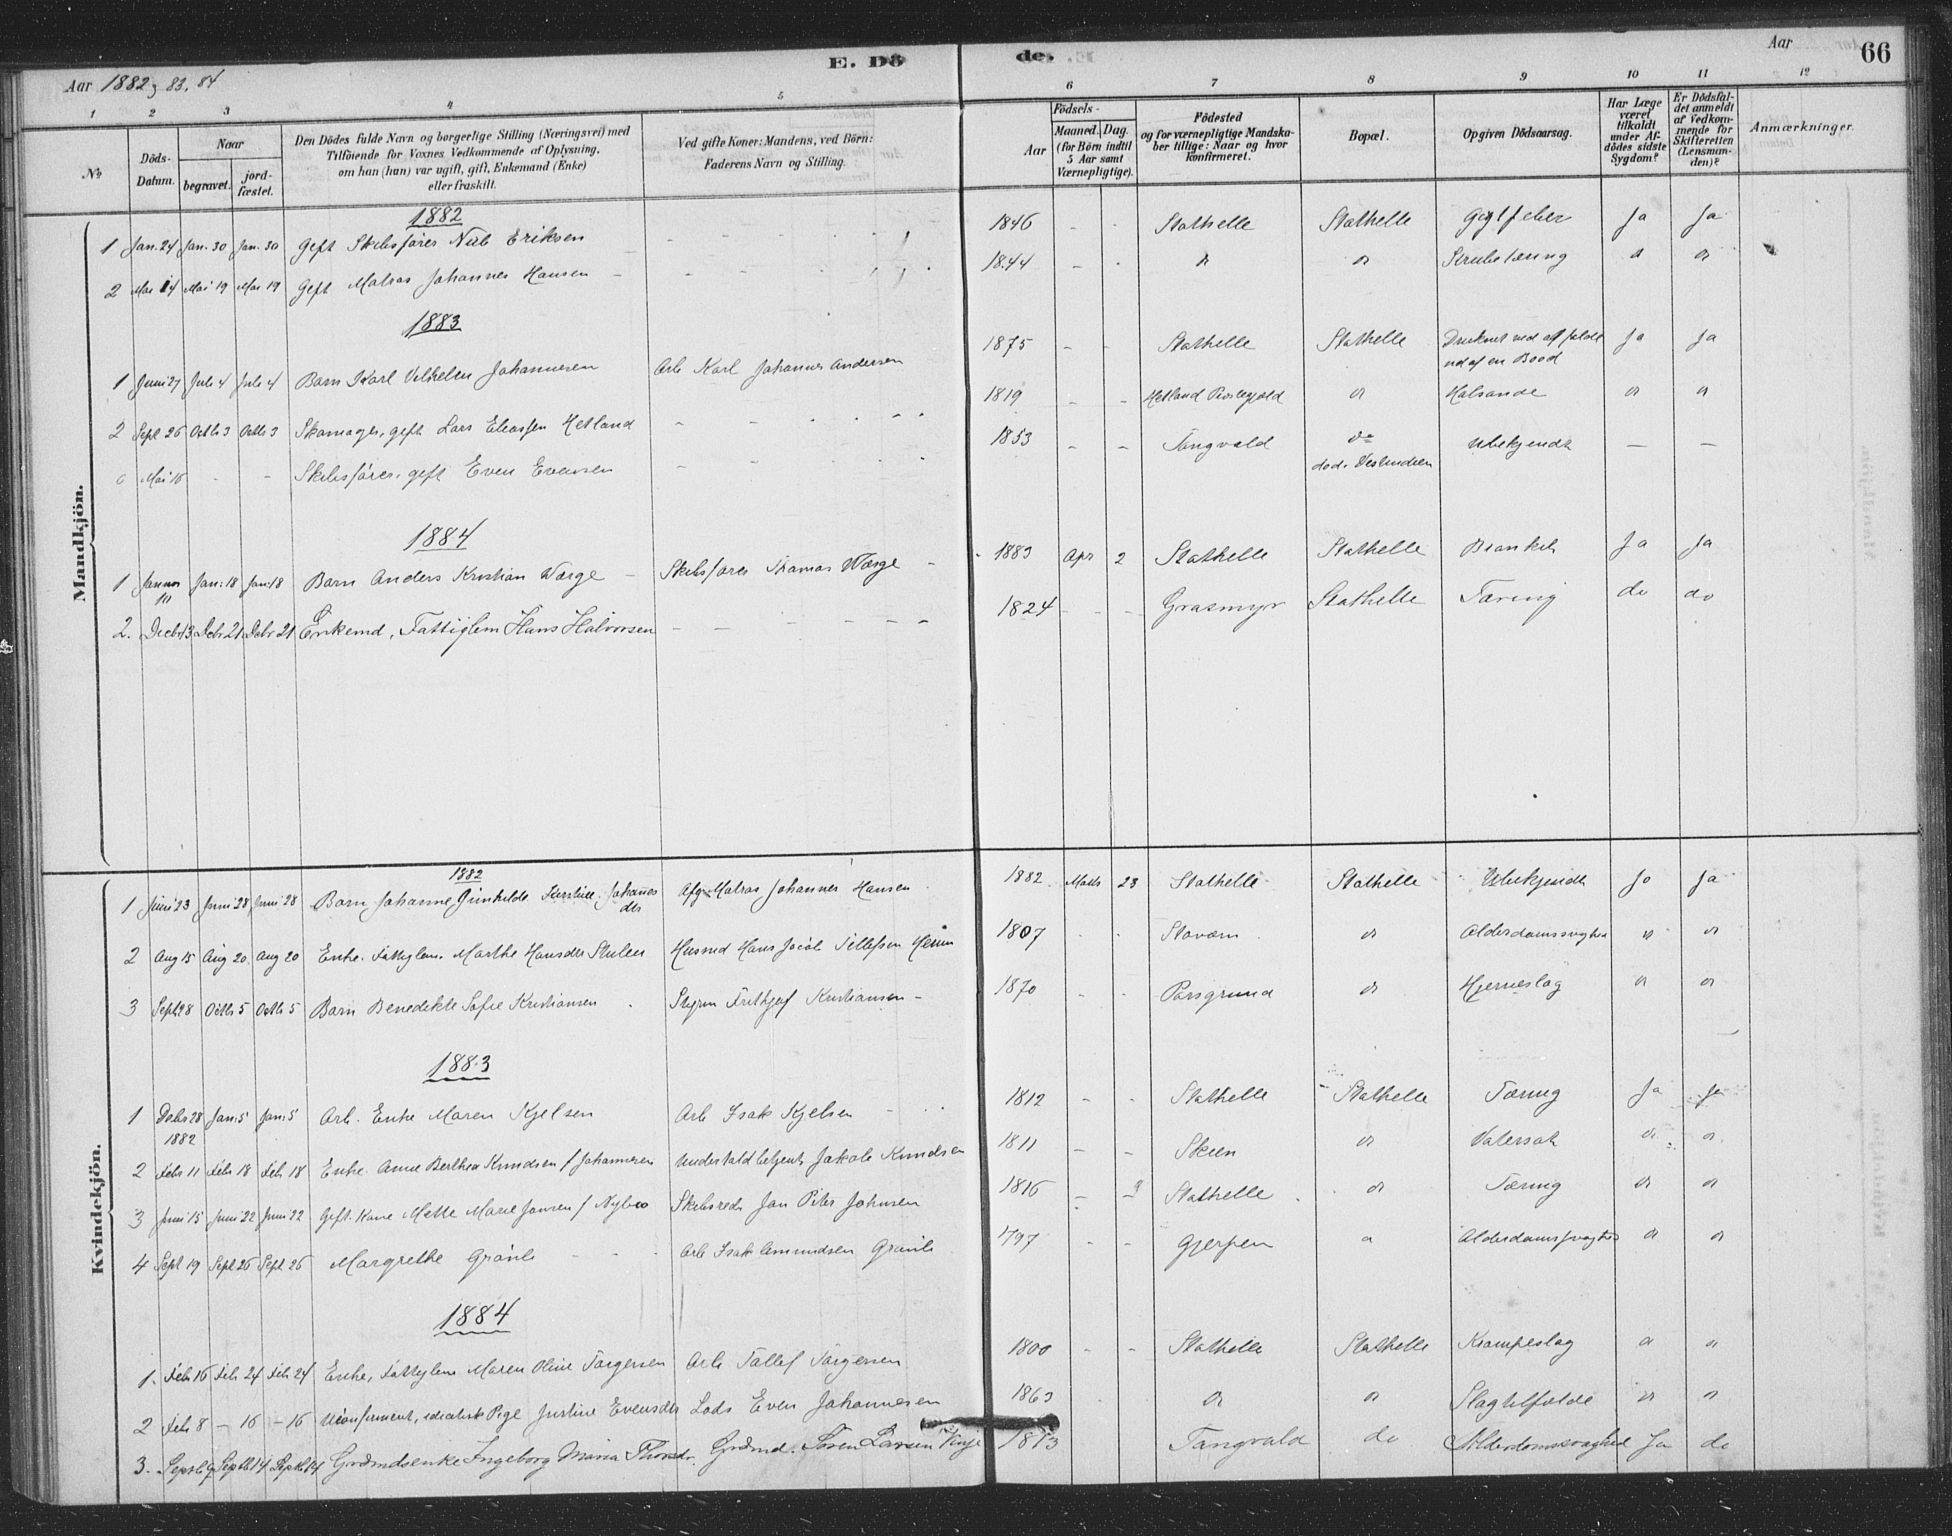 SAKO, Bamble kirkebøker, F/Fb/L0001: Ministerialbok nr. II 1, 1878-1899, s. 66